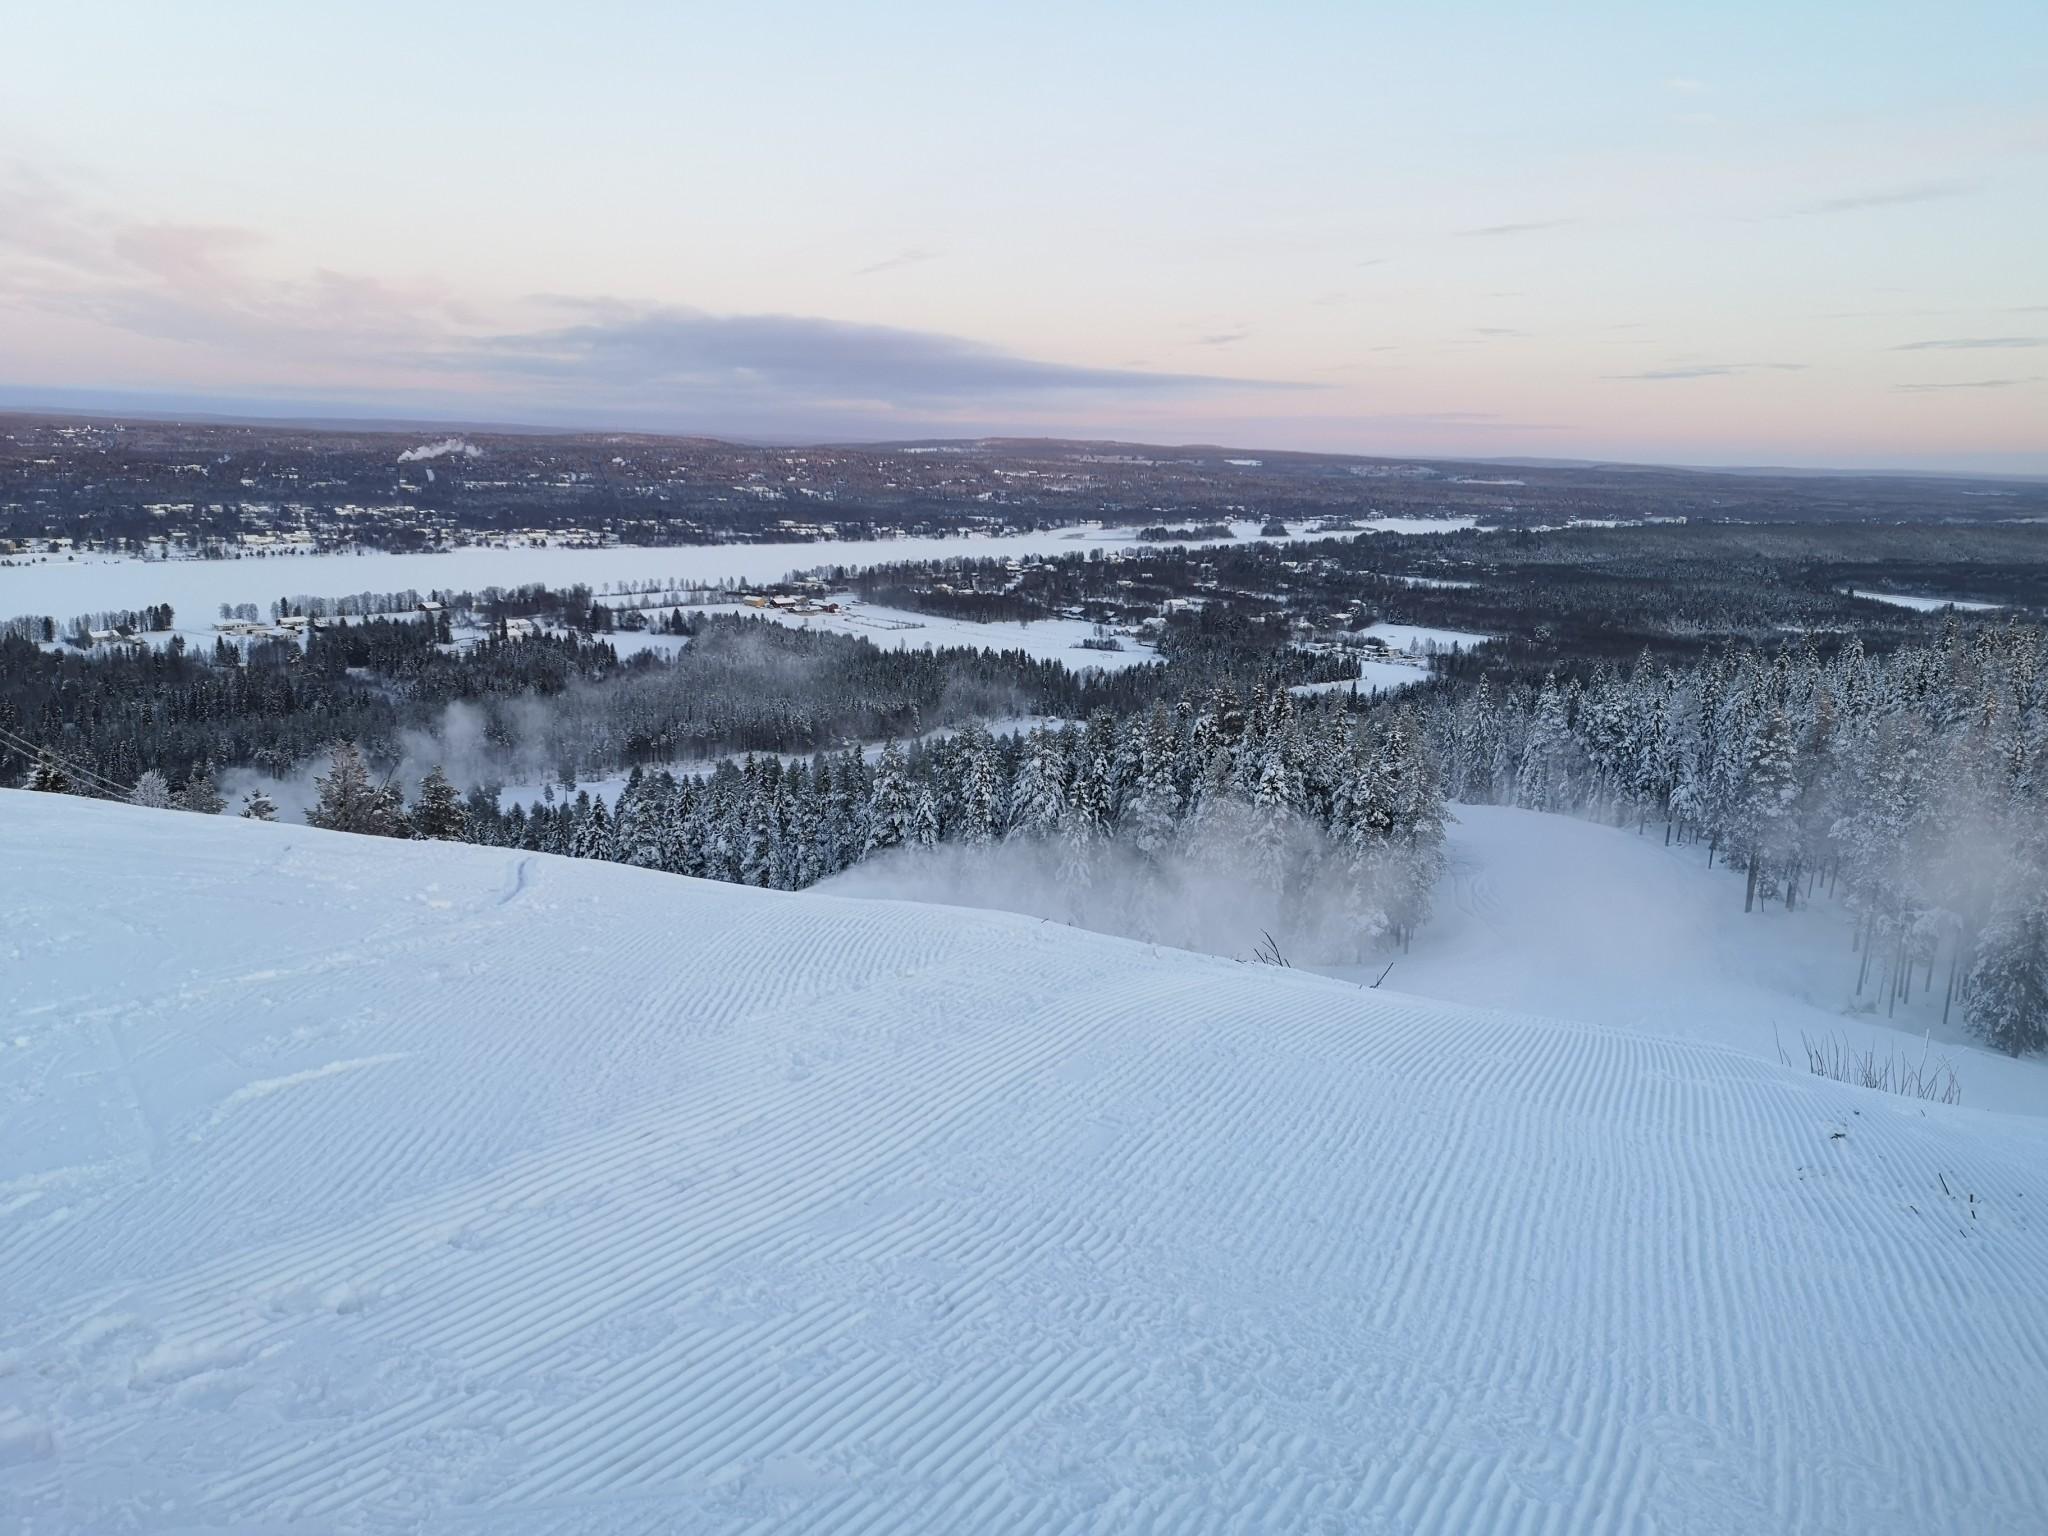 Kohteenanaailma Talviloma Rovaniemellä - Lappi alkaa Ounasvaaralta (2)